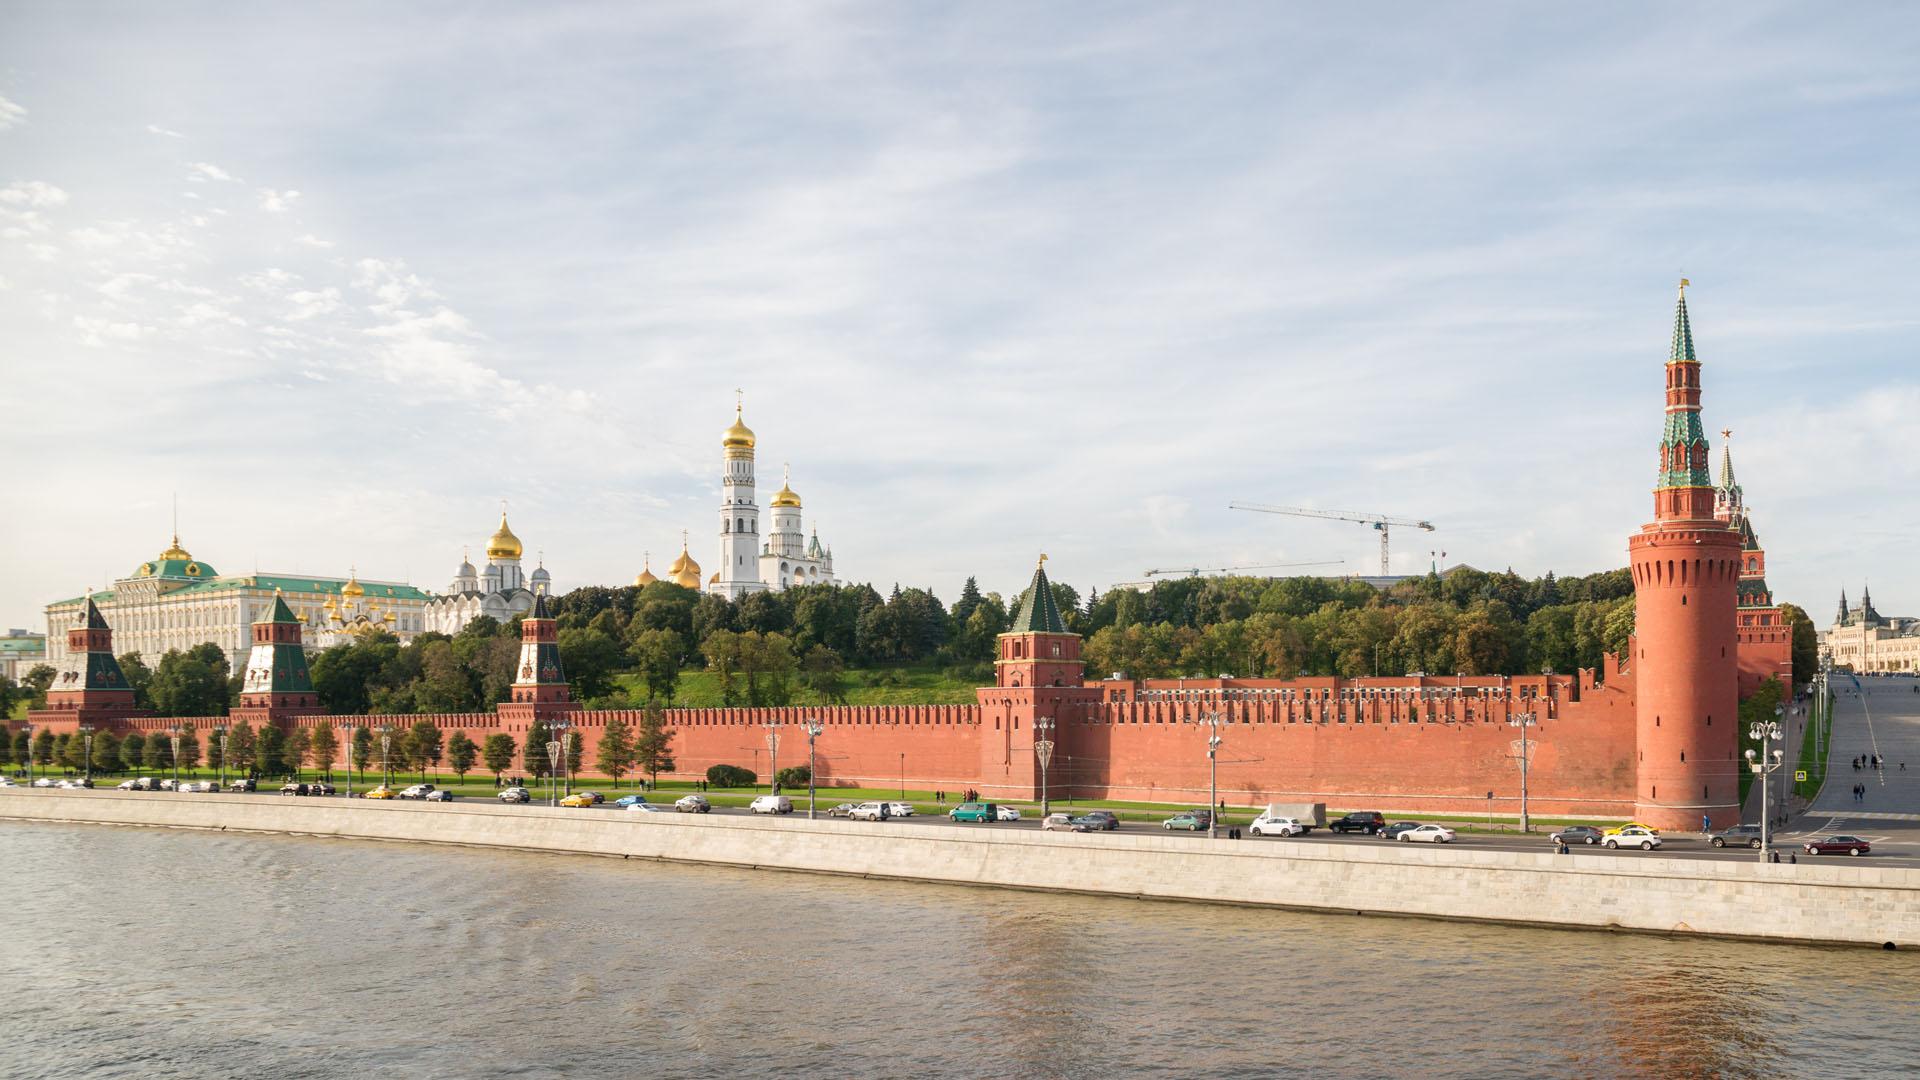 """Russland wird im Weltverfolgungsindex von Open Doors derzeit als """"Land unter Beobachtung"""" geführt"""